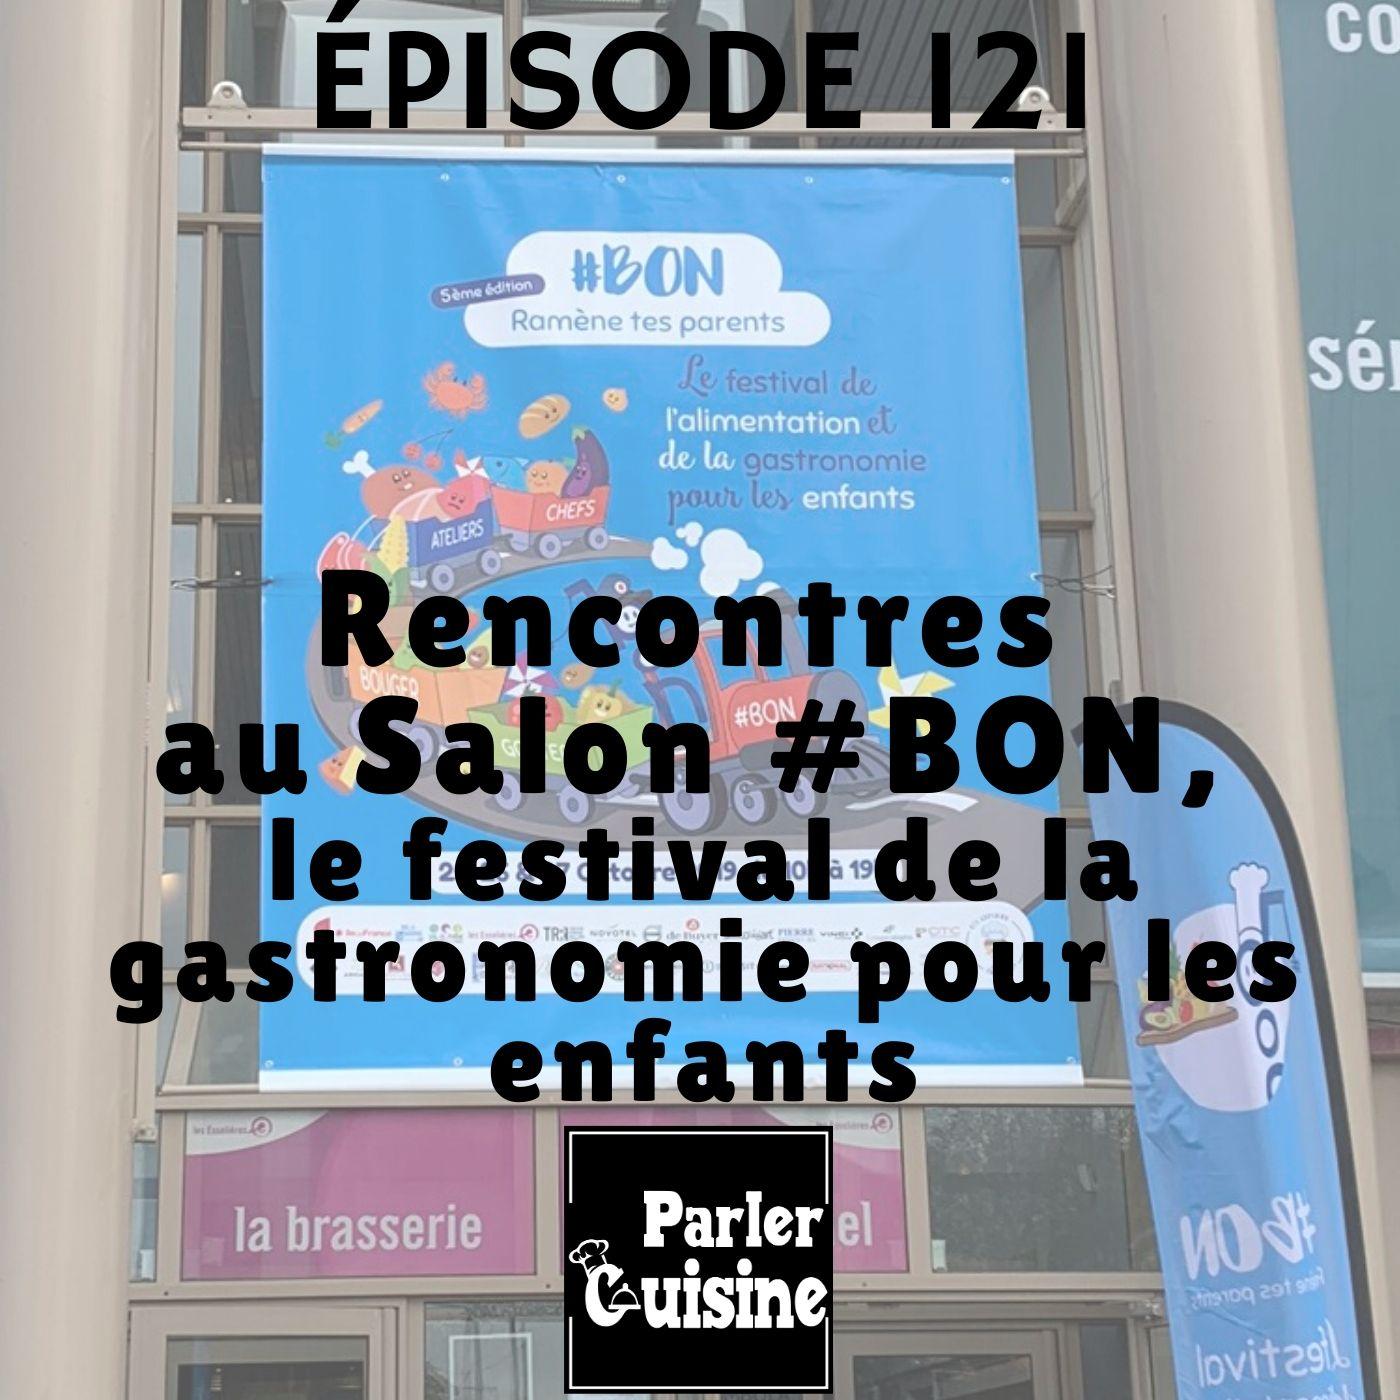 Épisode 121 : Rencontres au Salon #BON, le festival de la gastronomie pour les enfants